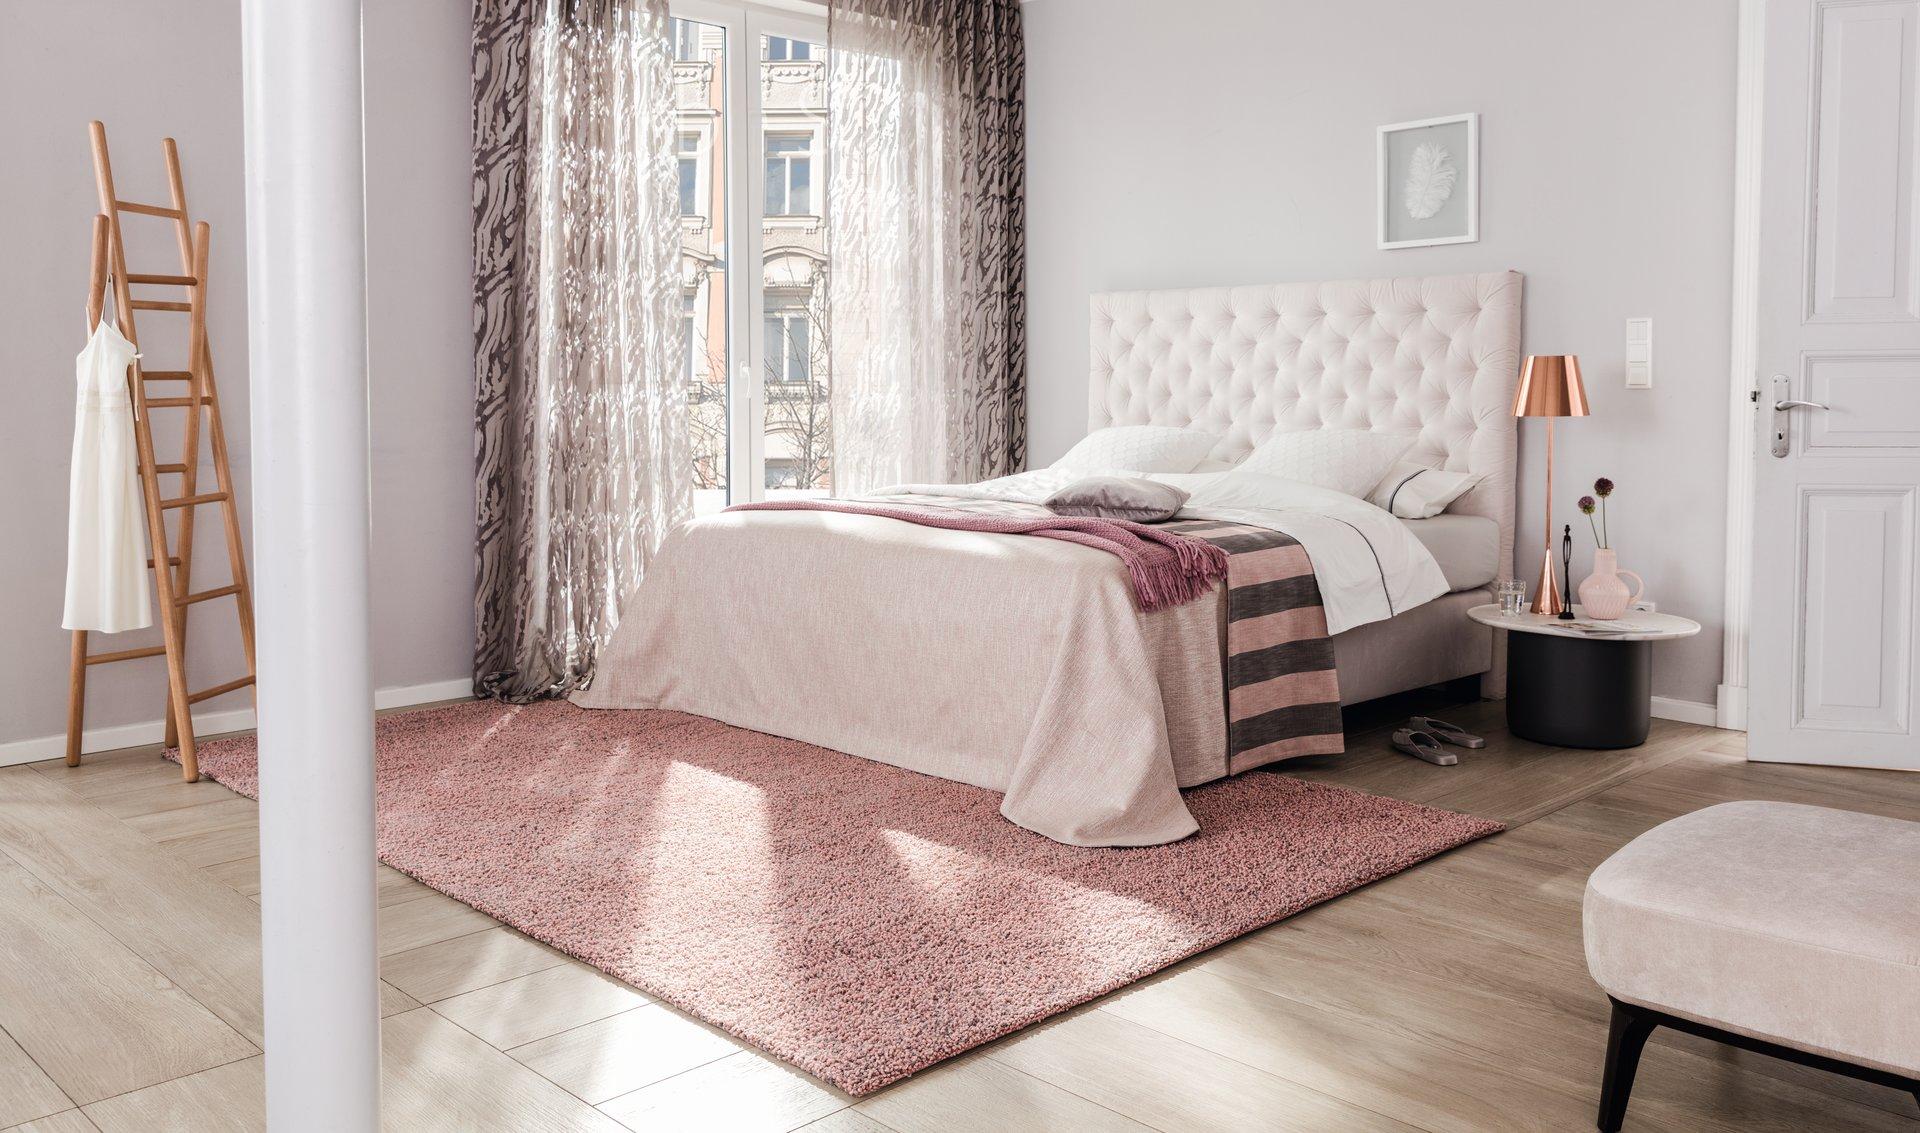 Mit der neuen Kollektion handgefertigter Maßteppiche in 187 brillanten Farben und 4 Qualitäten spricht LANA COLOR die Emotion ästhetisch anspruchsvoller Teppichliebhaber an. Für jede Leidenschaft das passende Unikat aus reiner neuseeländischer Schurwolle.